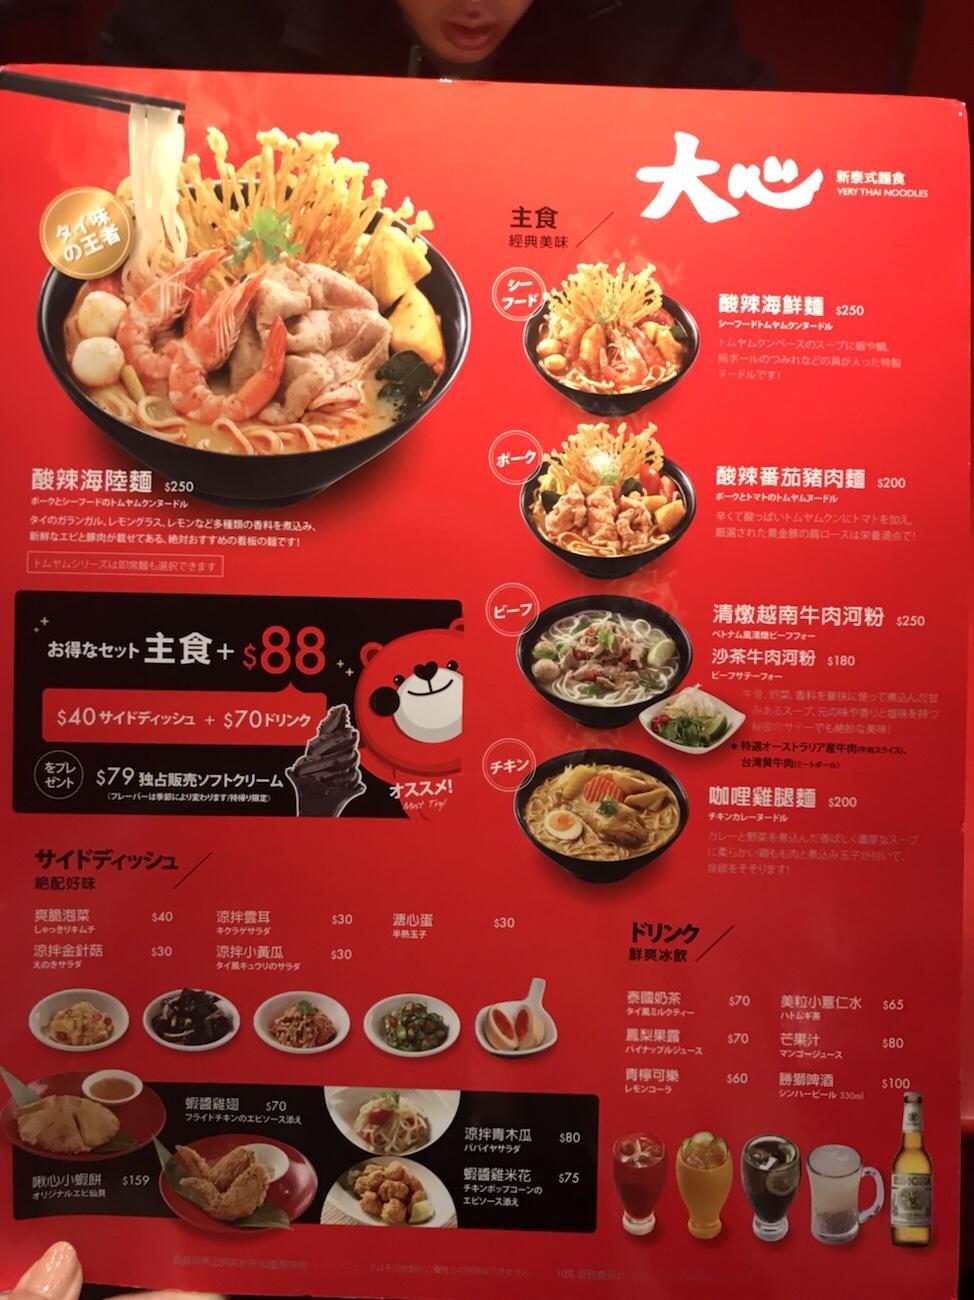 台北松山空港レストラン大心メニュー